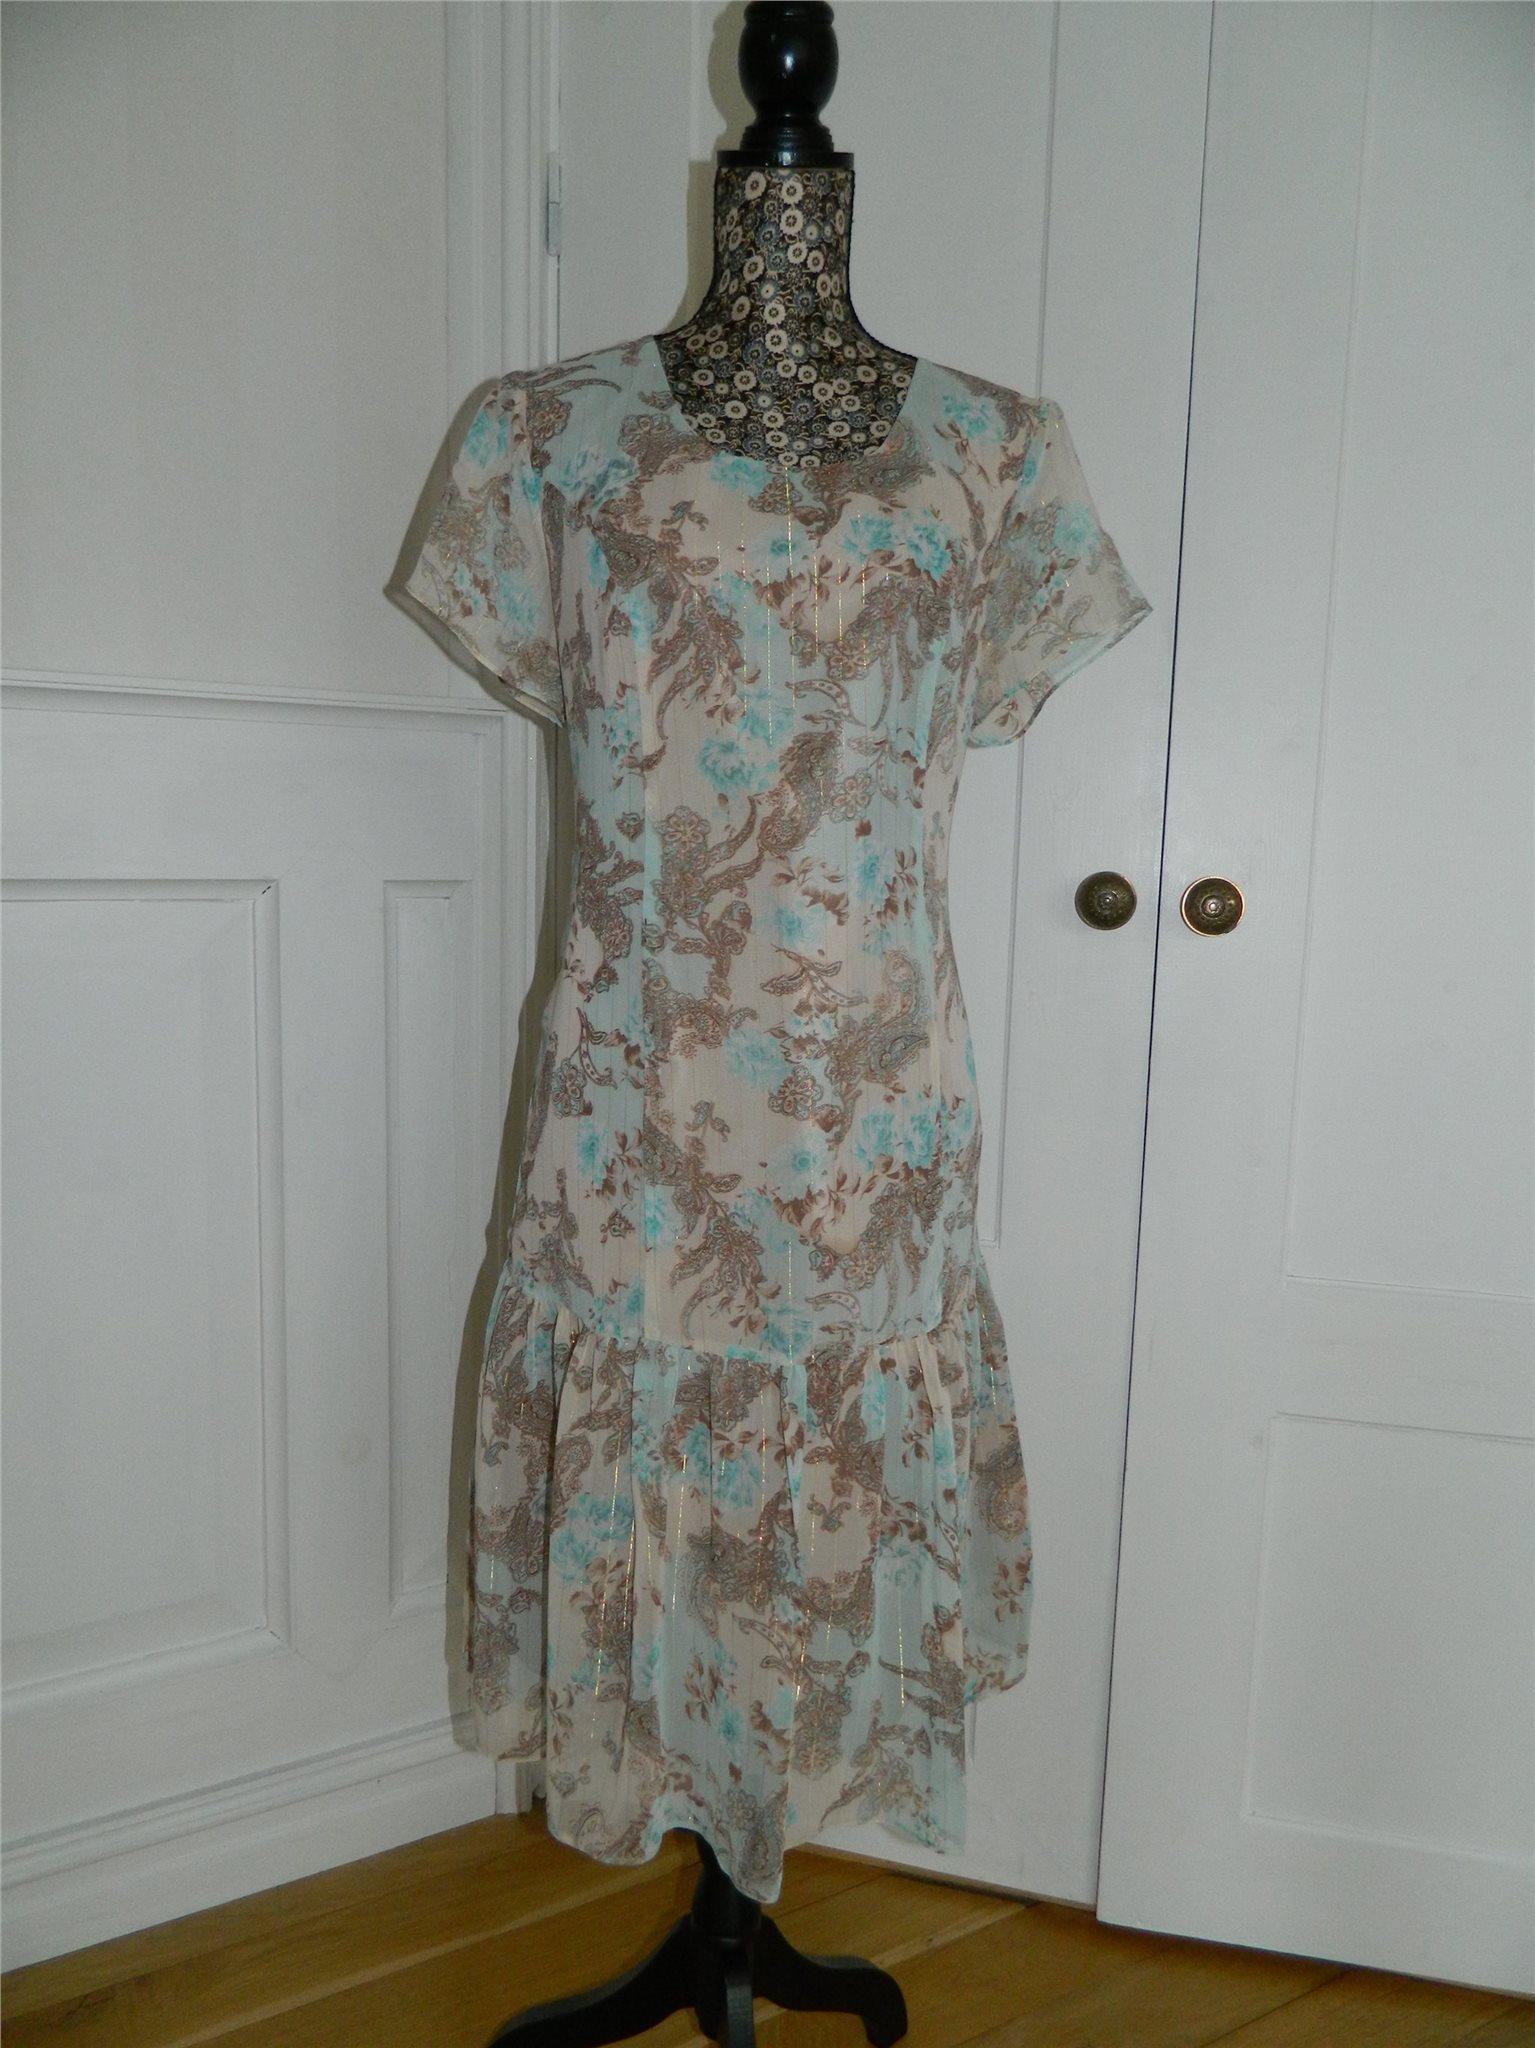 Underbar mönstrad vintage klänning från 60-tale.. (342779574) ᐈ Köp ... 9d6a1944afb7a